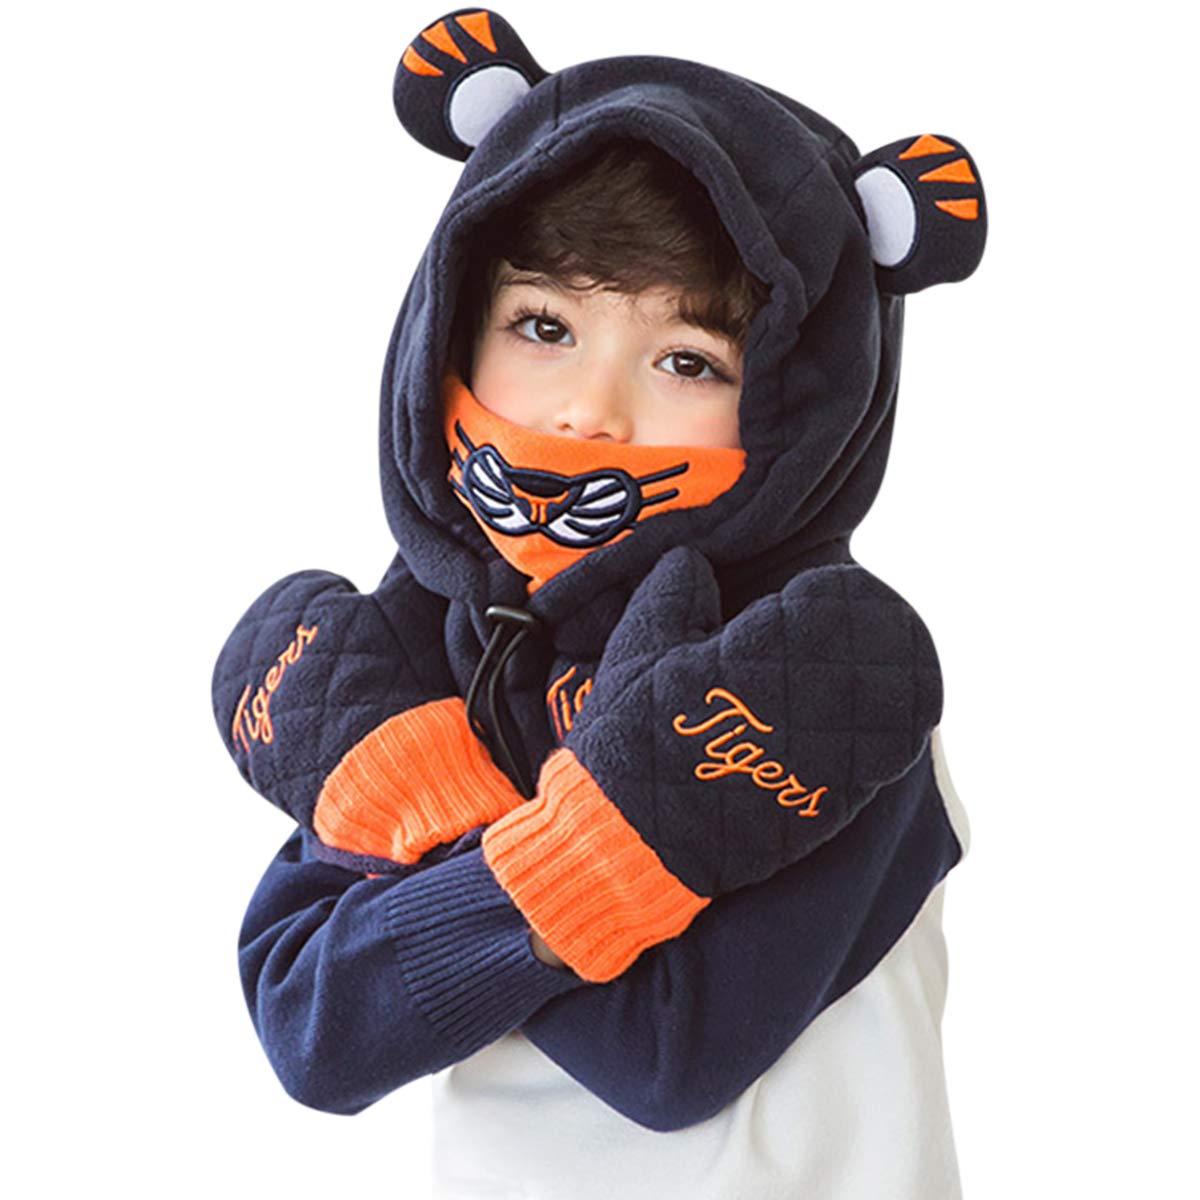 DORRISO Enfants bébé Casquettes Tomber Hiver Chaleureux Chapeaux e Mignon Petit Tigre Casquettes Gants Convient bébé de1-8 Ans